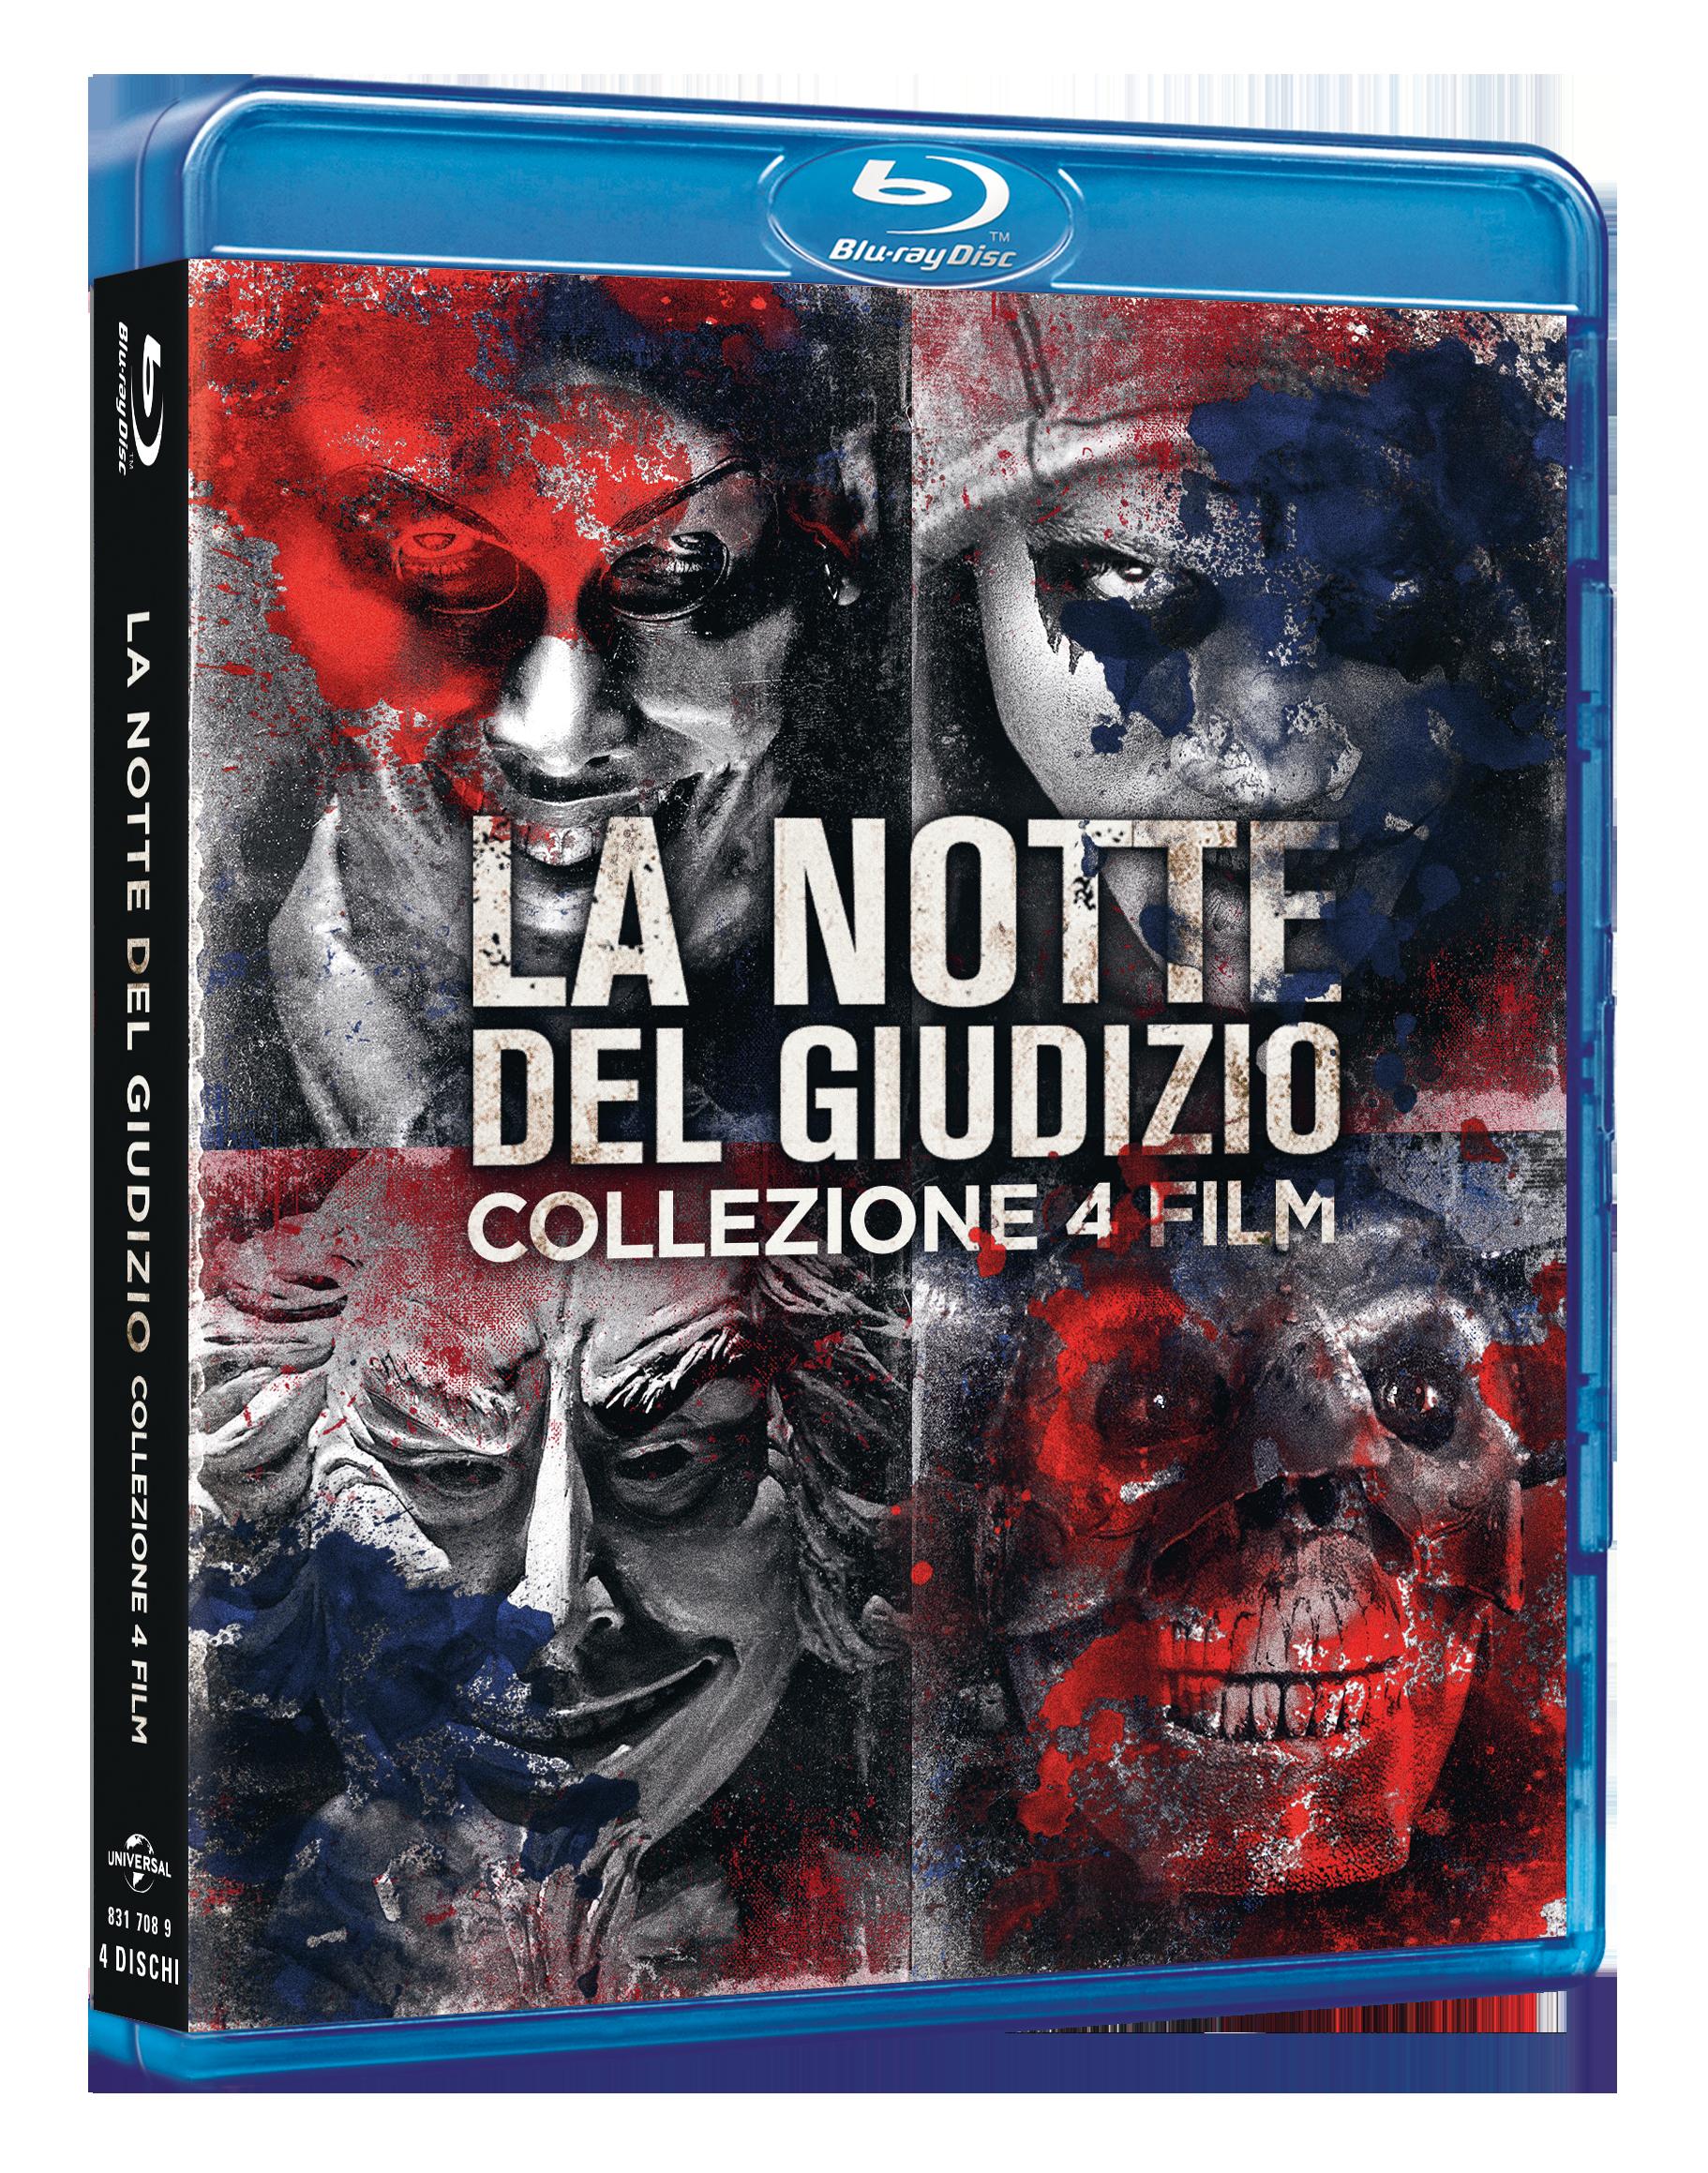 NotteDelGiudizio-Boxset_1-4_Ita_BD_Ret_8317089-40_3D